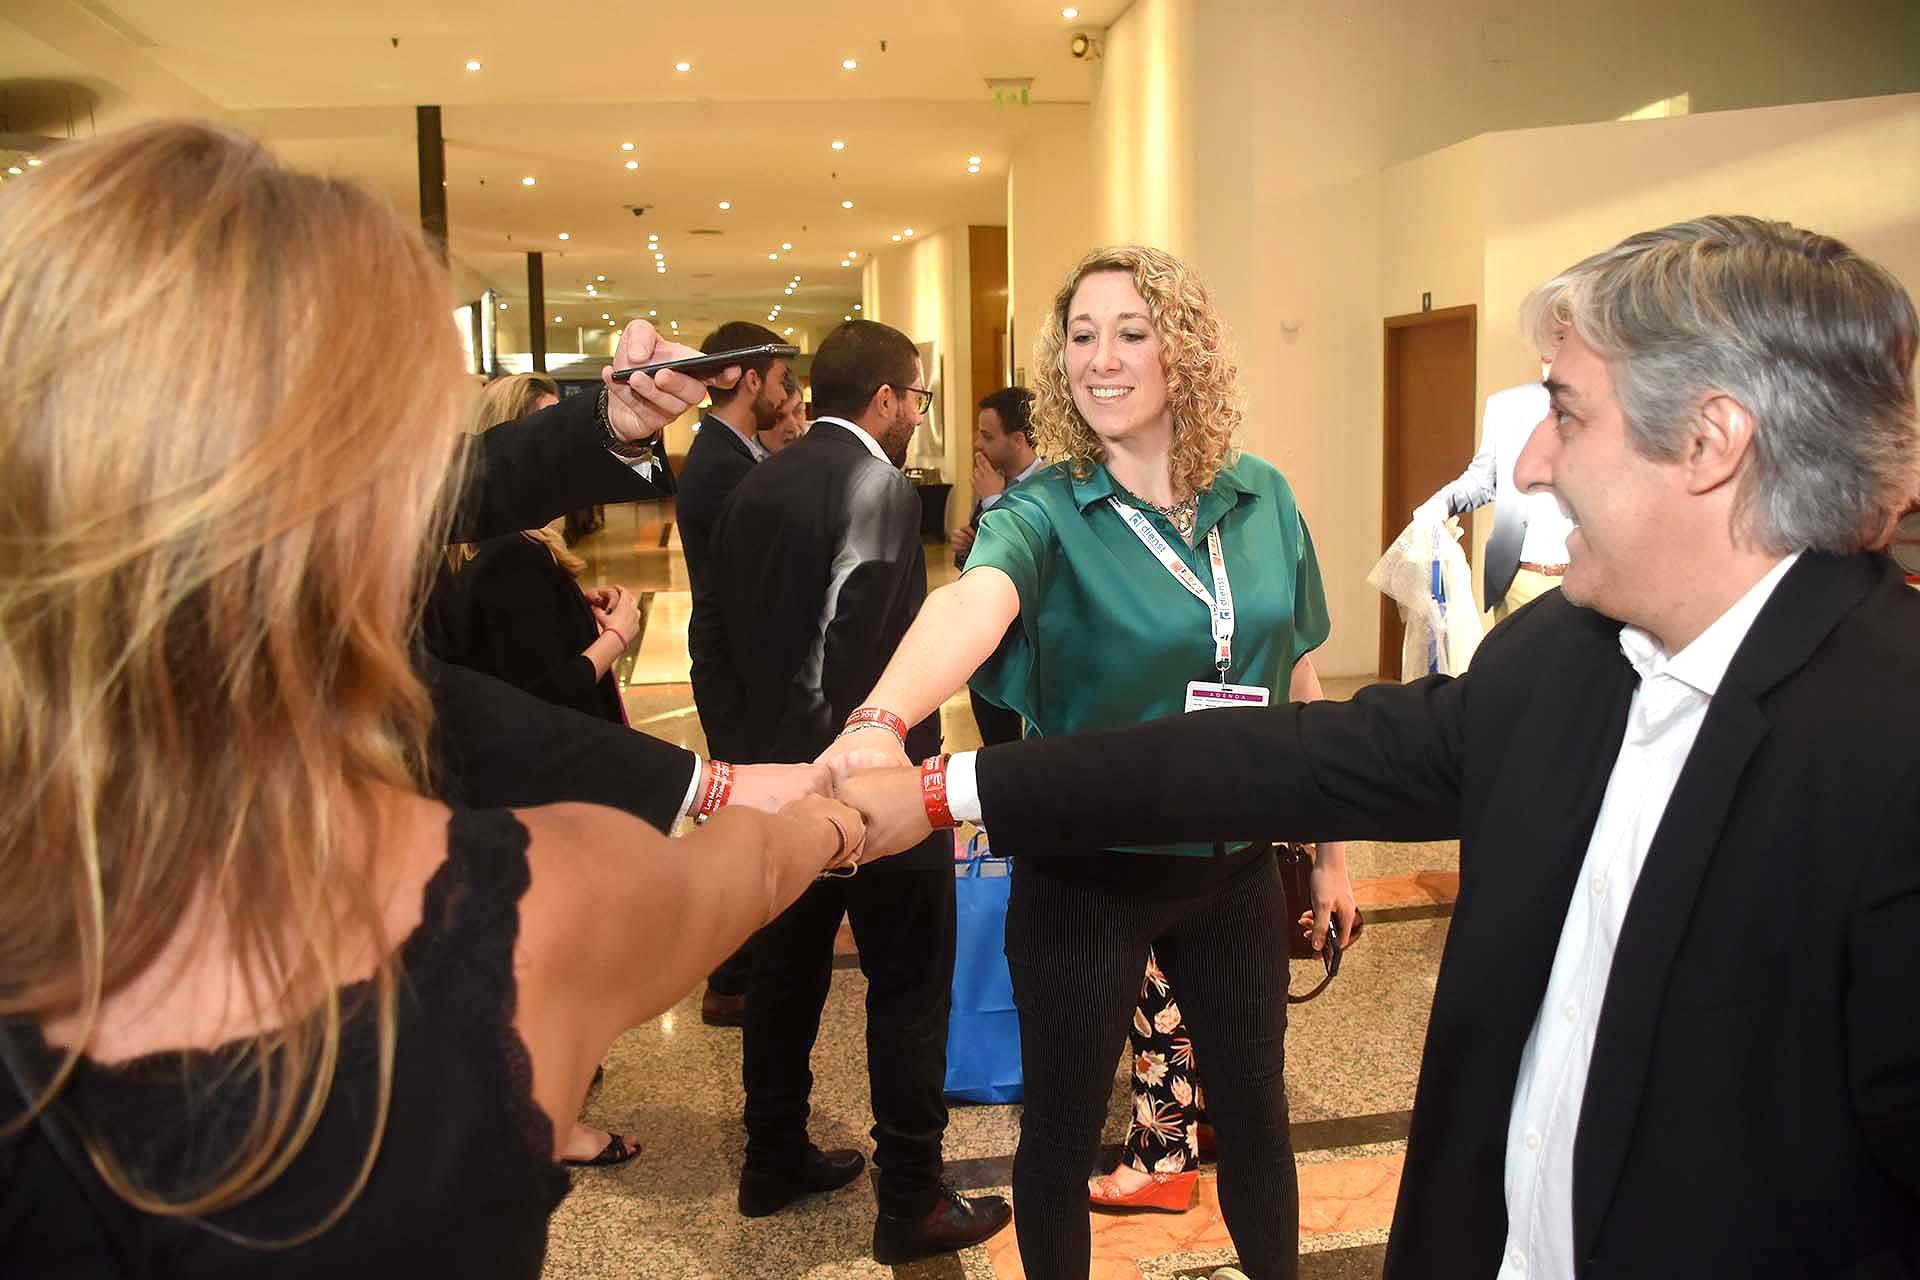 La cábala del equipo de Teleperformance, minutos de antes de ingresar al salón del Sheraton Buenos Aires